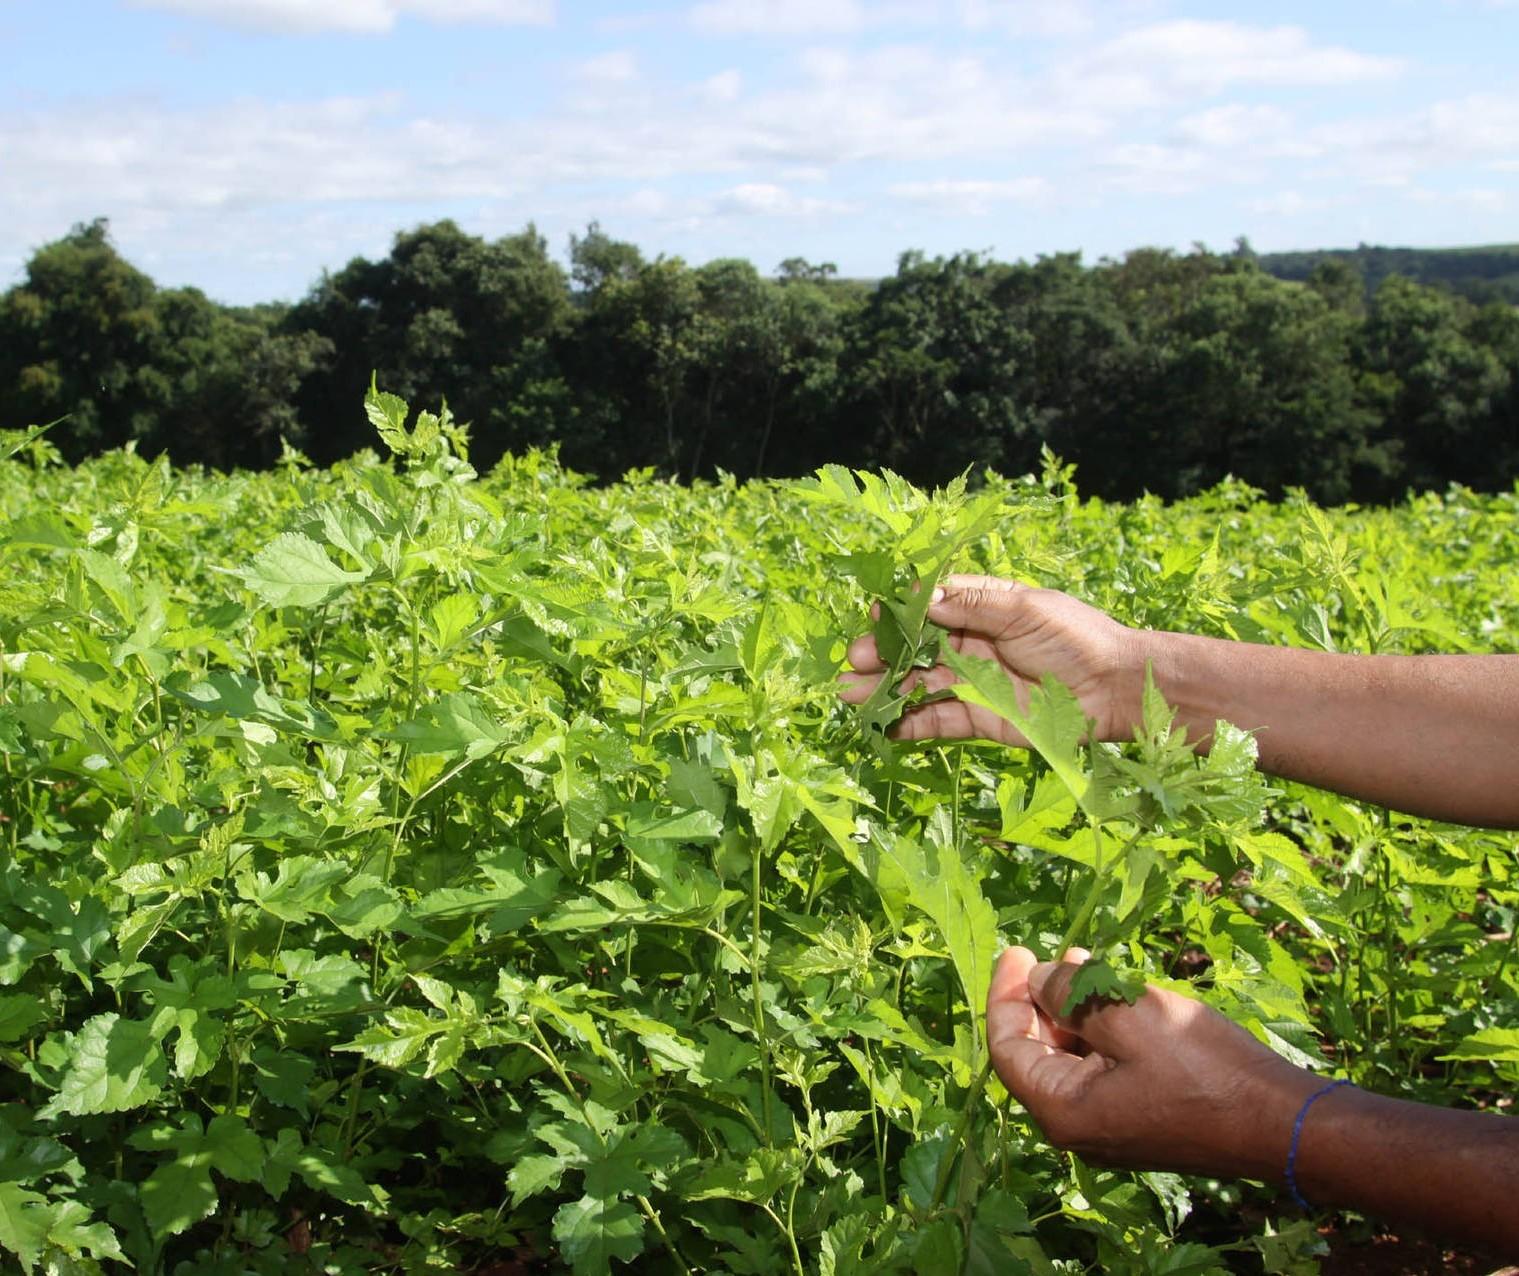 Área tratada com defensivos agrícolas cresceu 12,3% no segundo trimestre